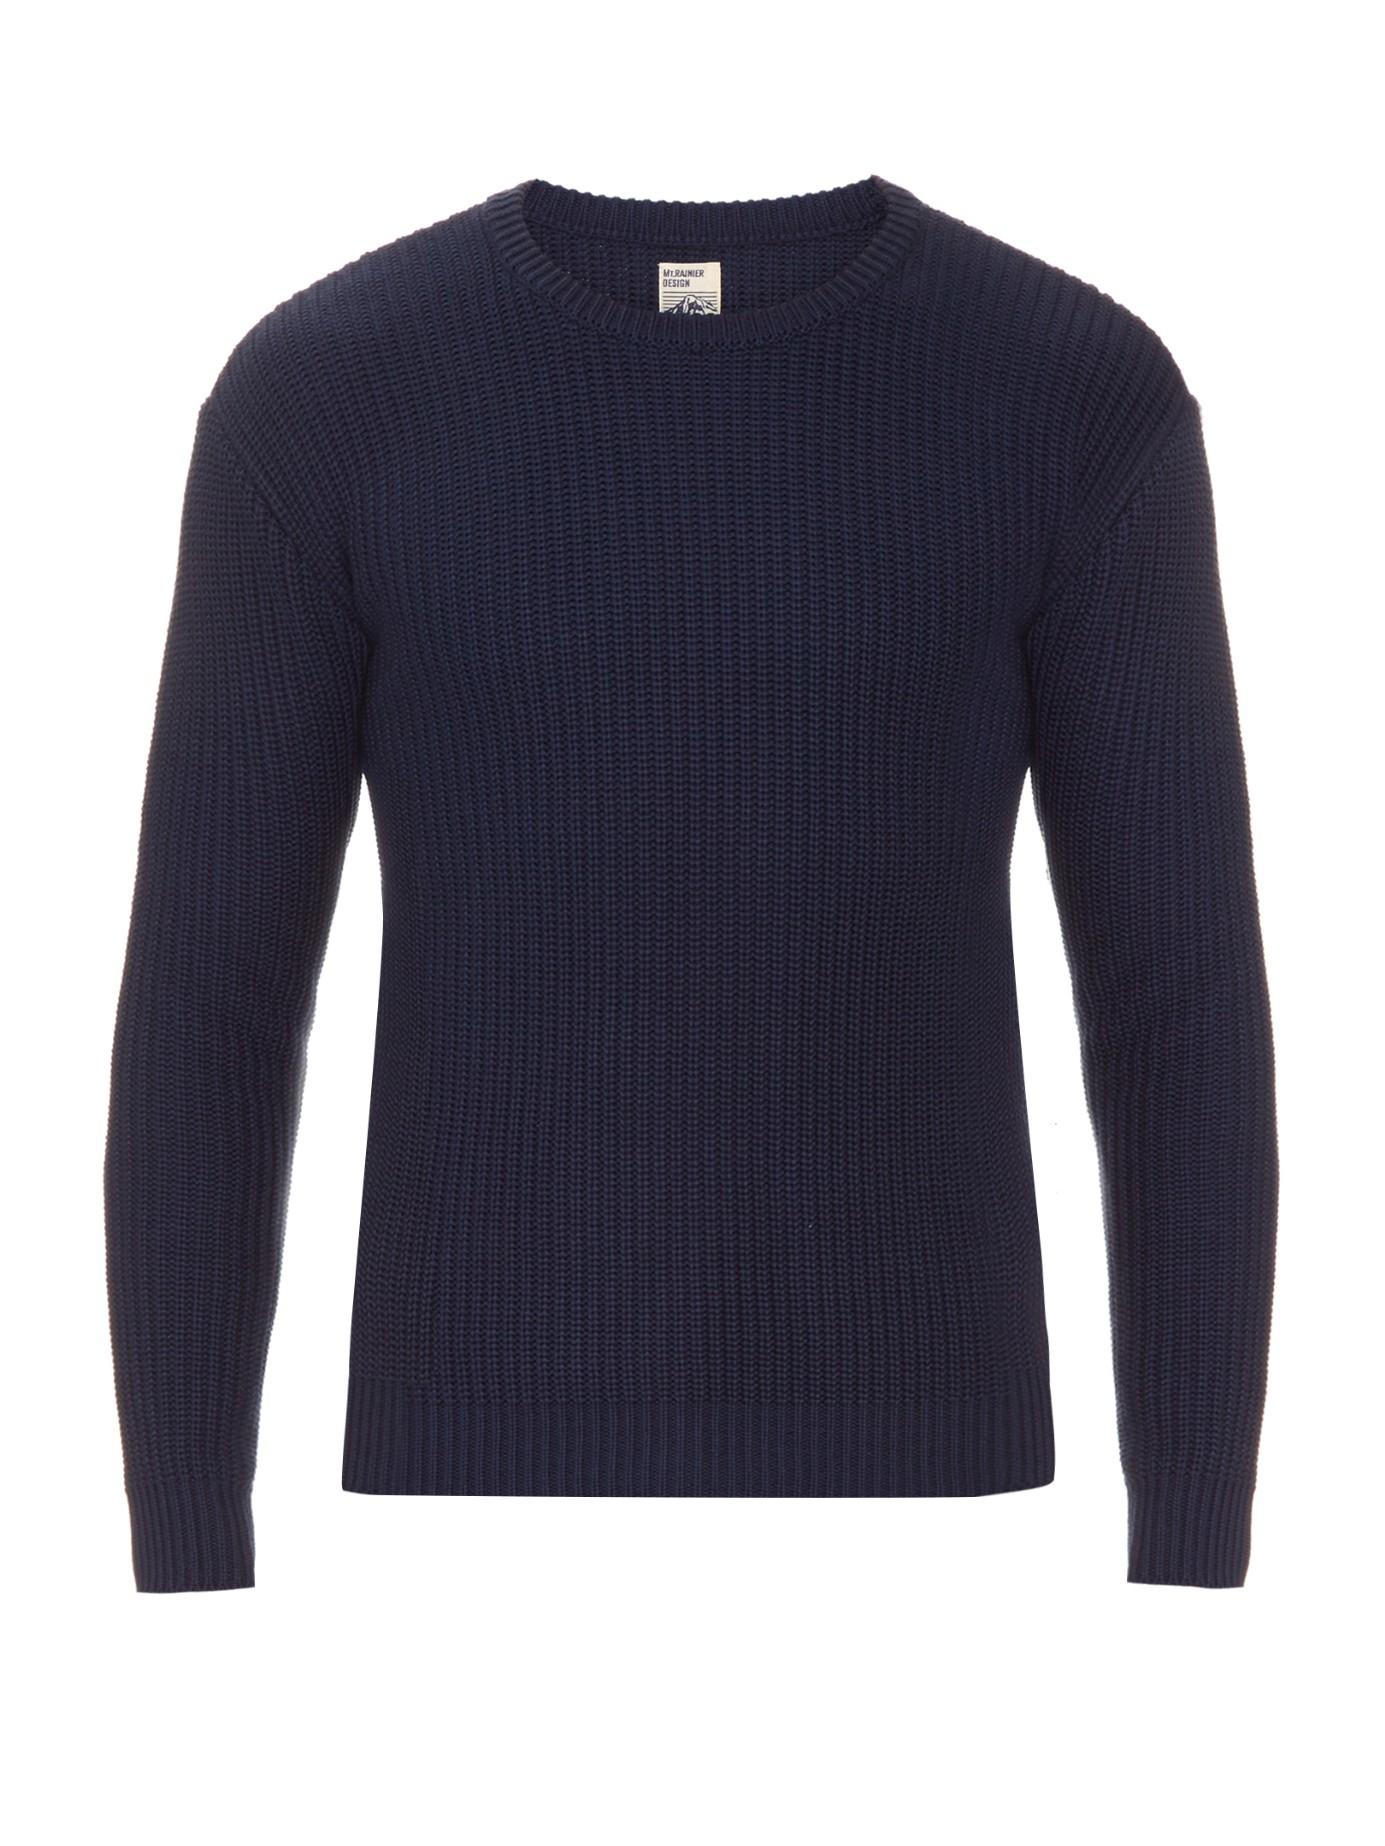 Mt. rainier design Summer Textured-knit Sweater in Blue for Men | Lyst